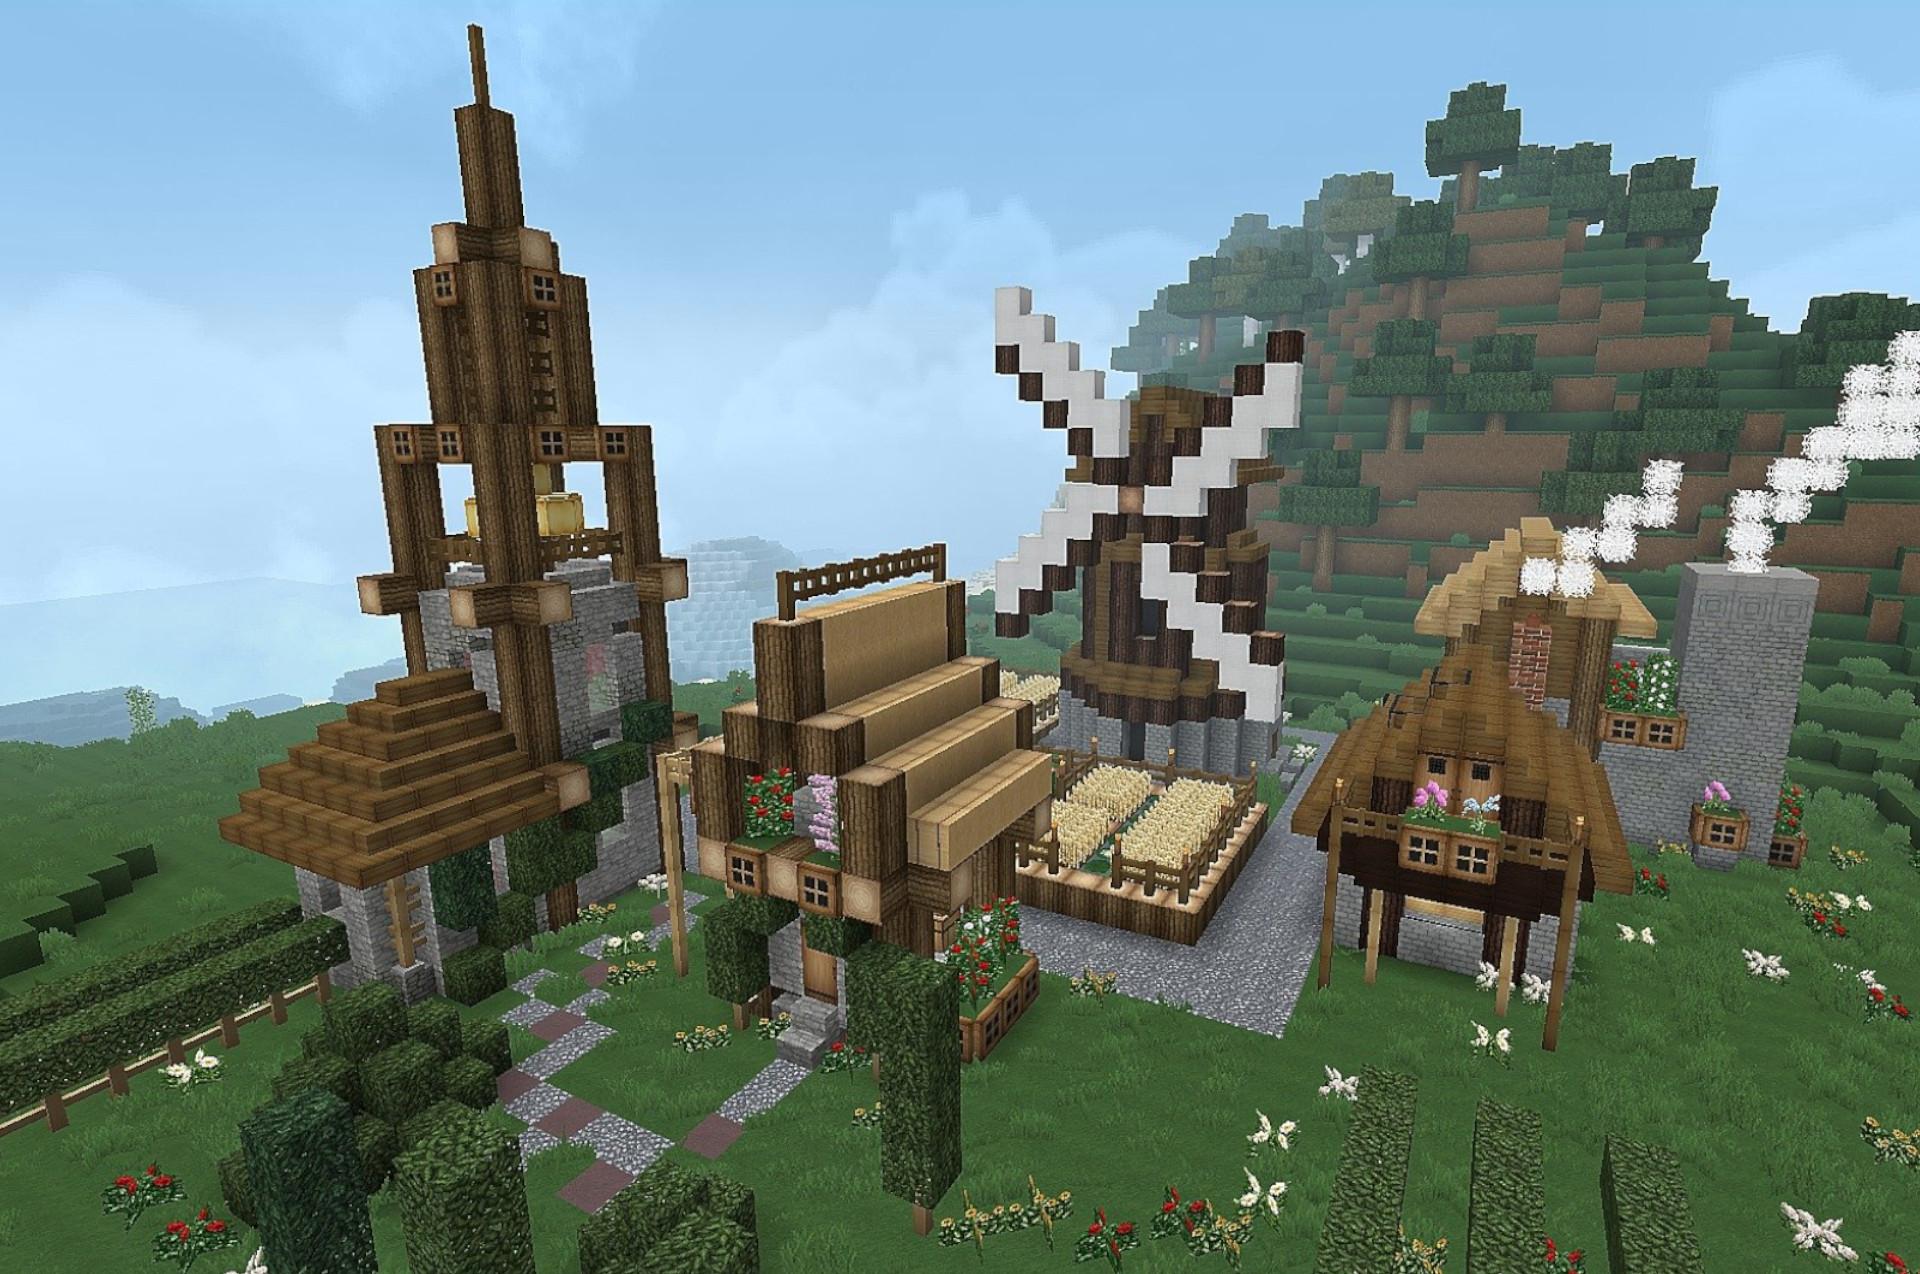 Minecraft Villager - GAMEYARD